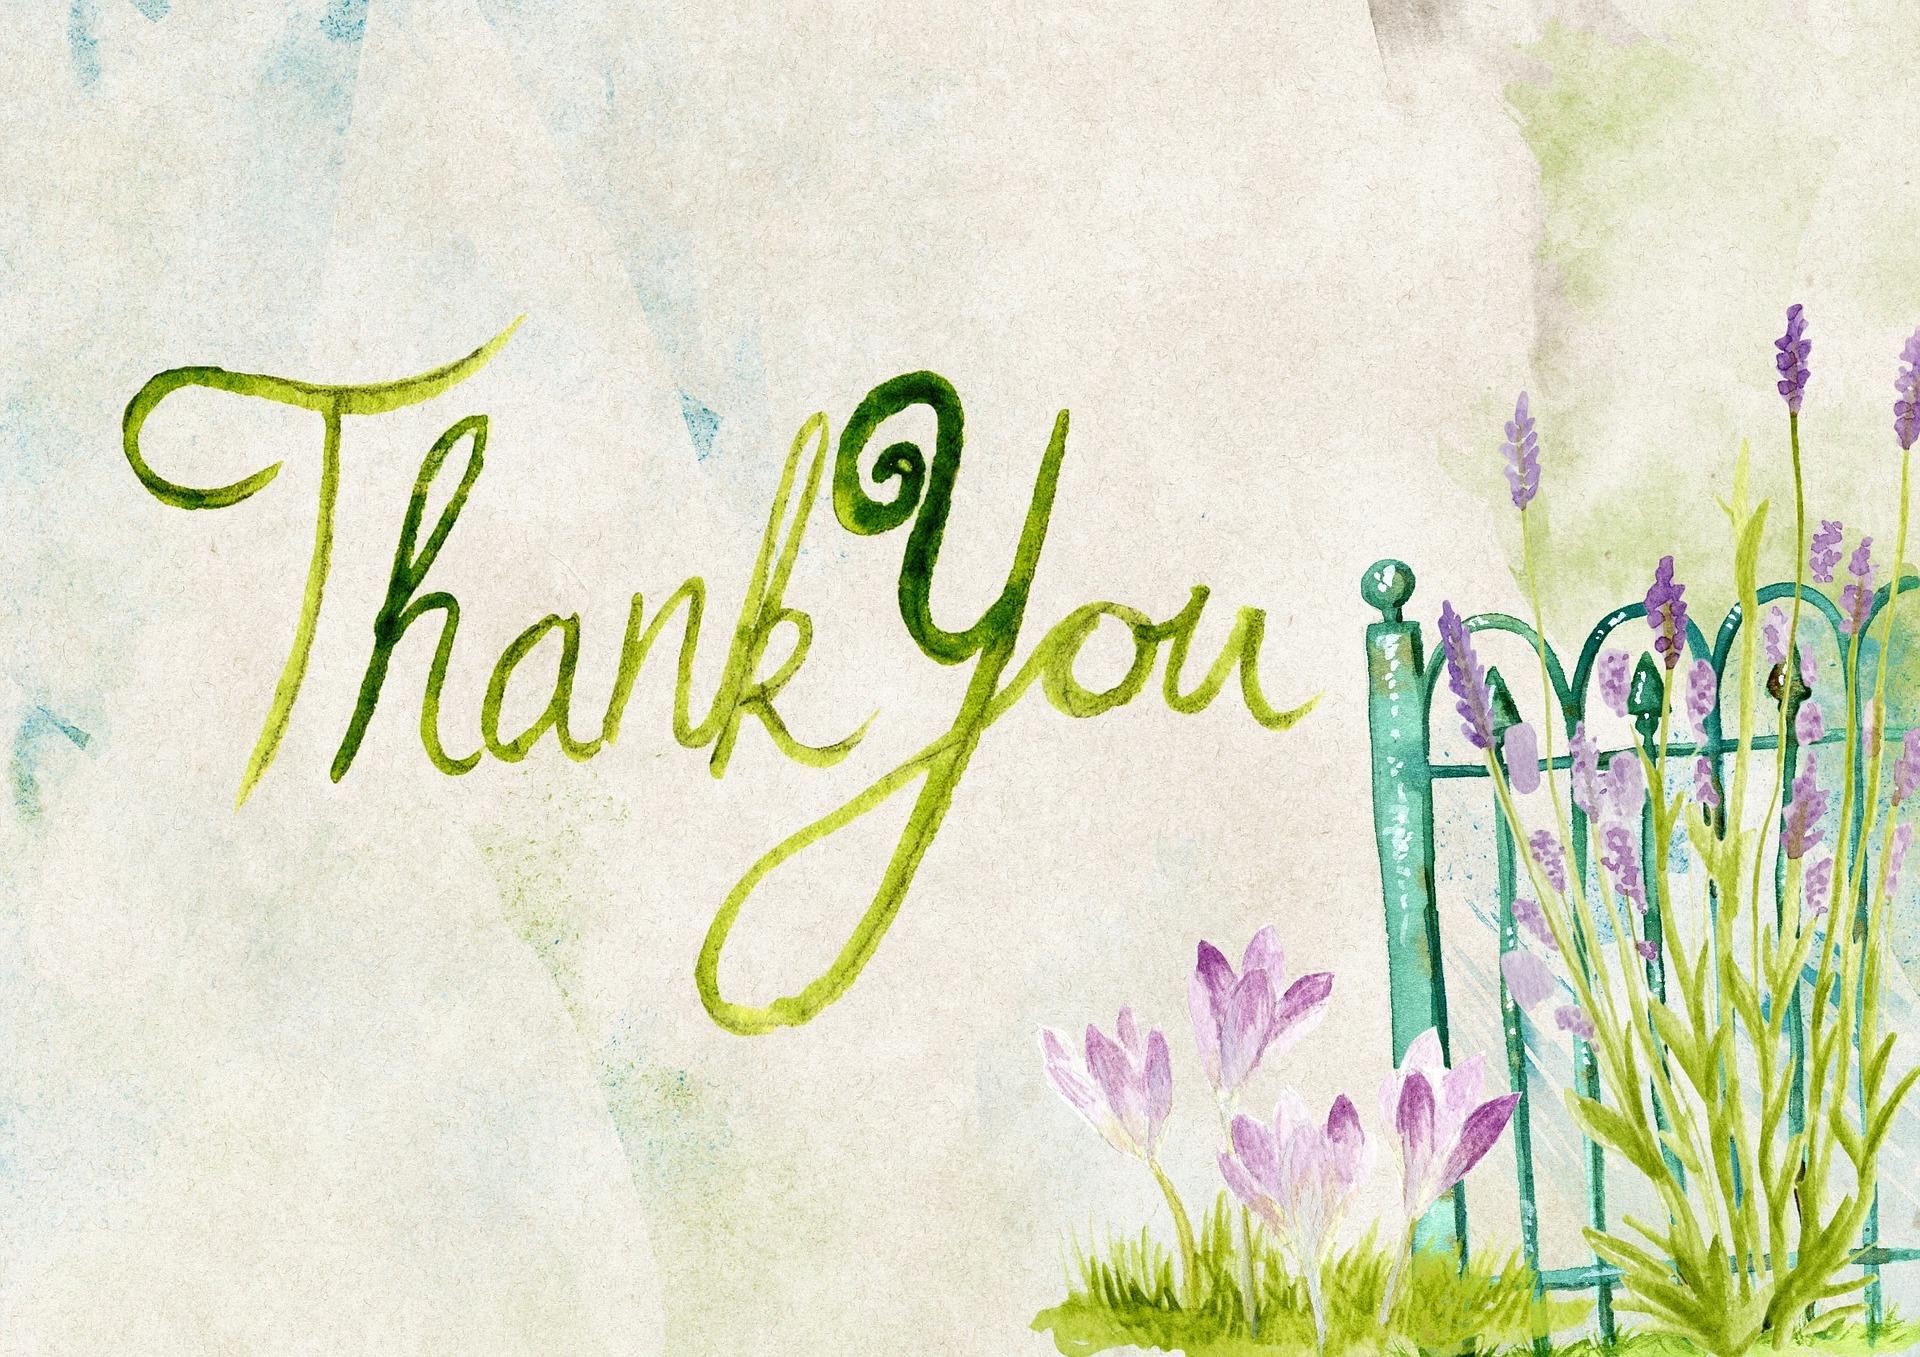 תודה מכל הלב למר צחי נבו!